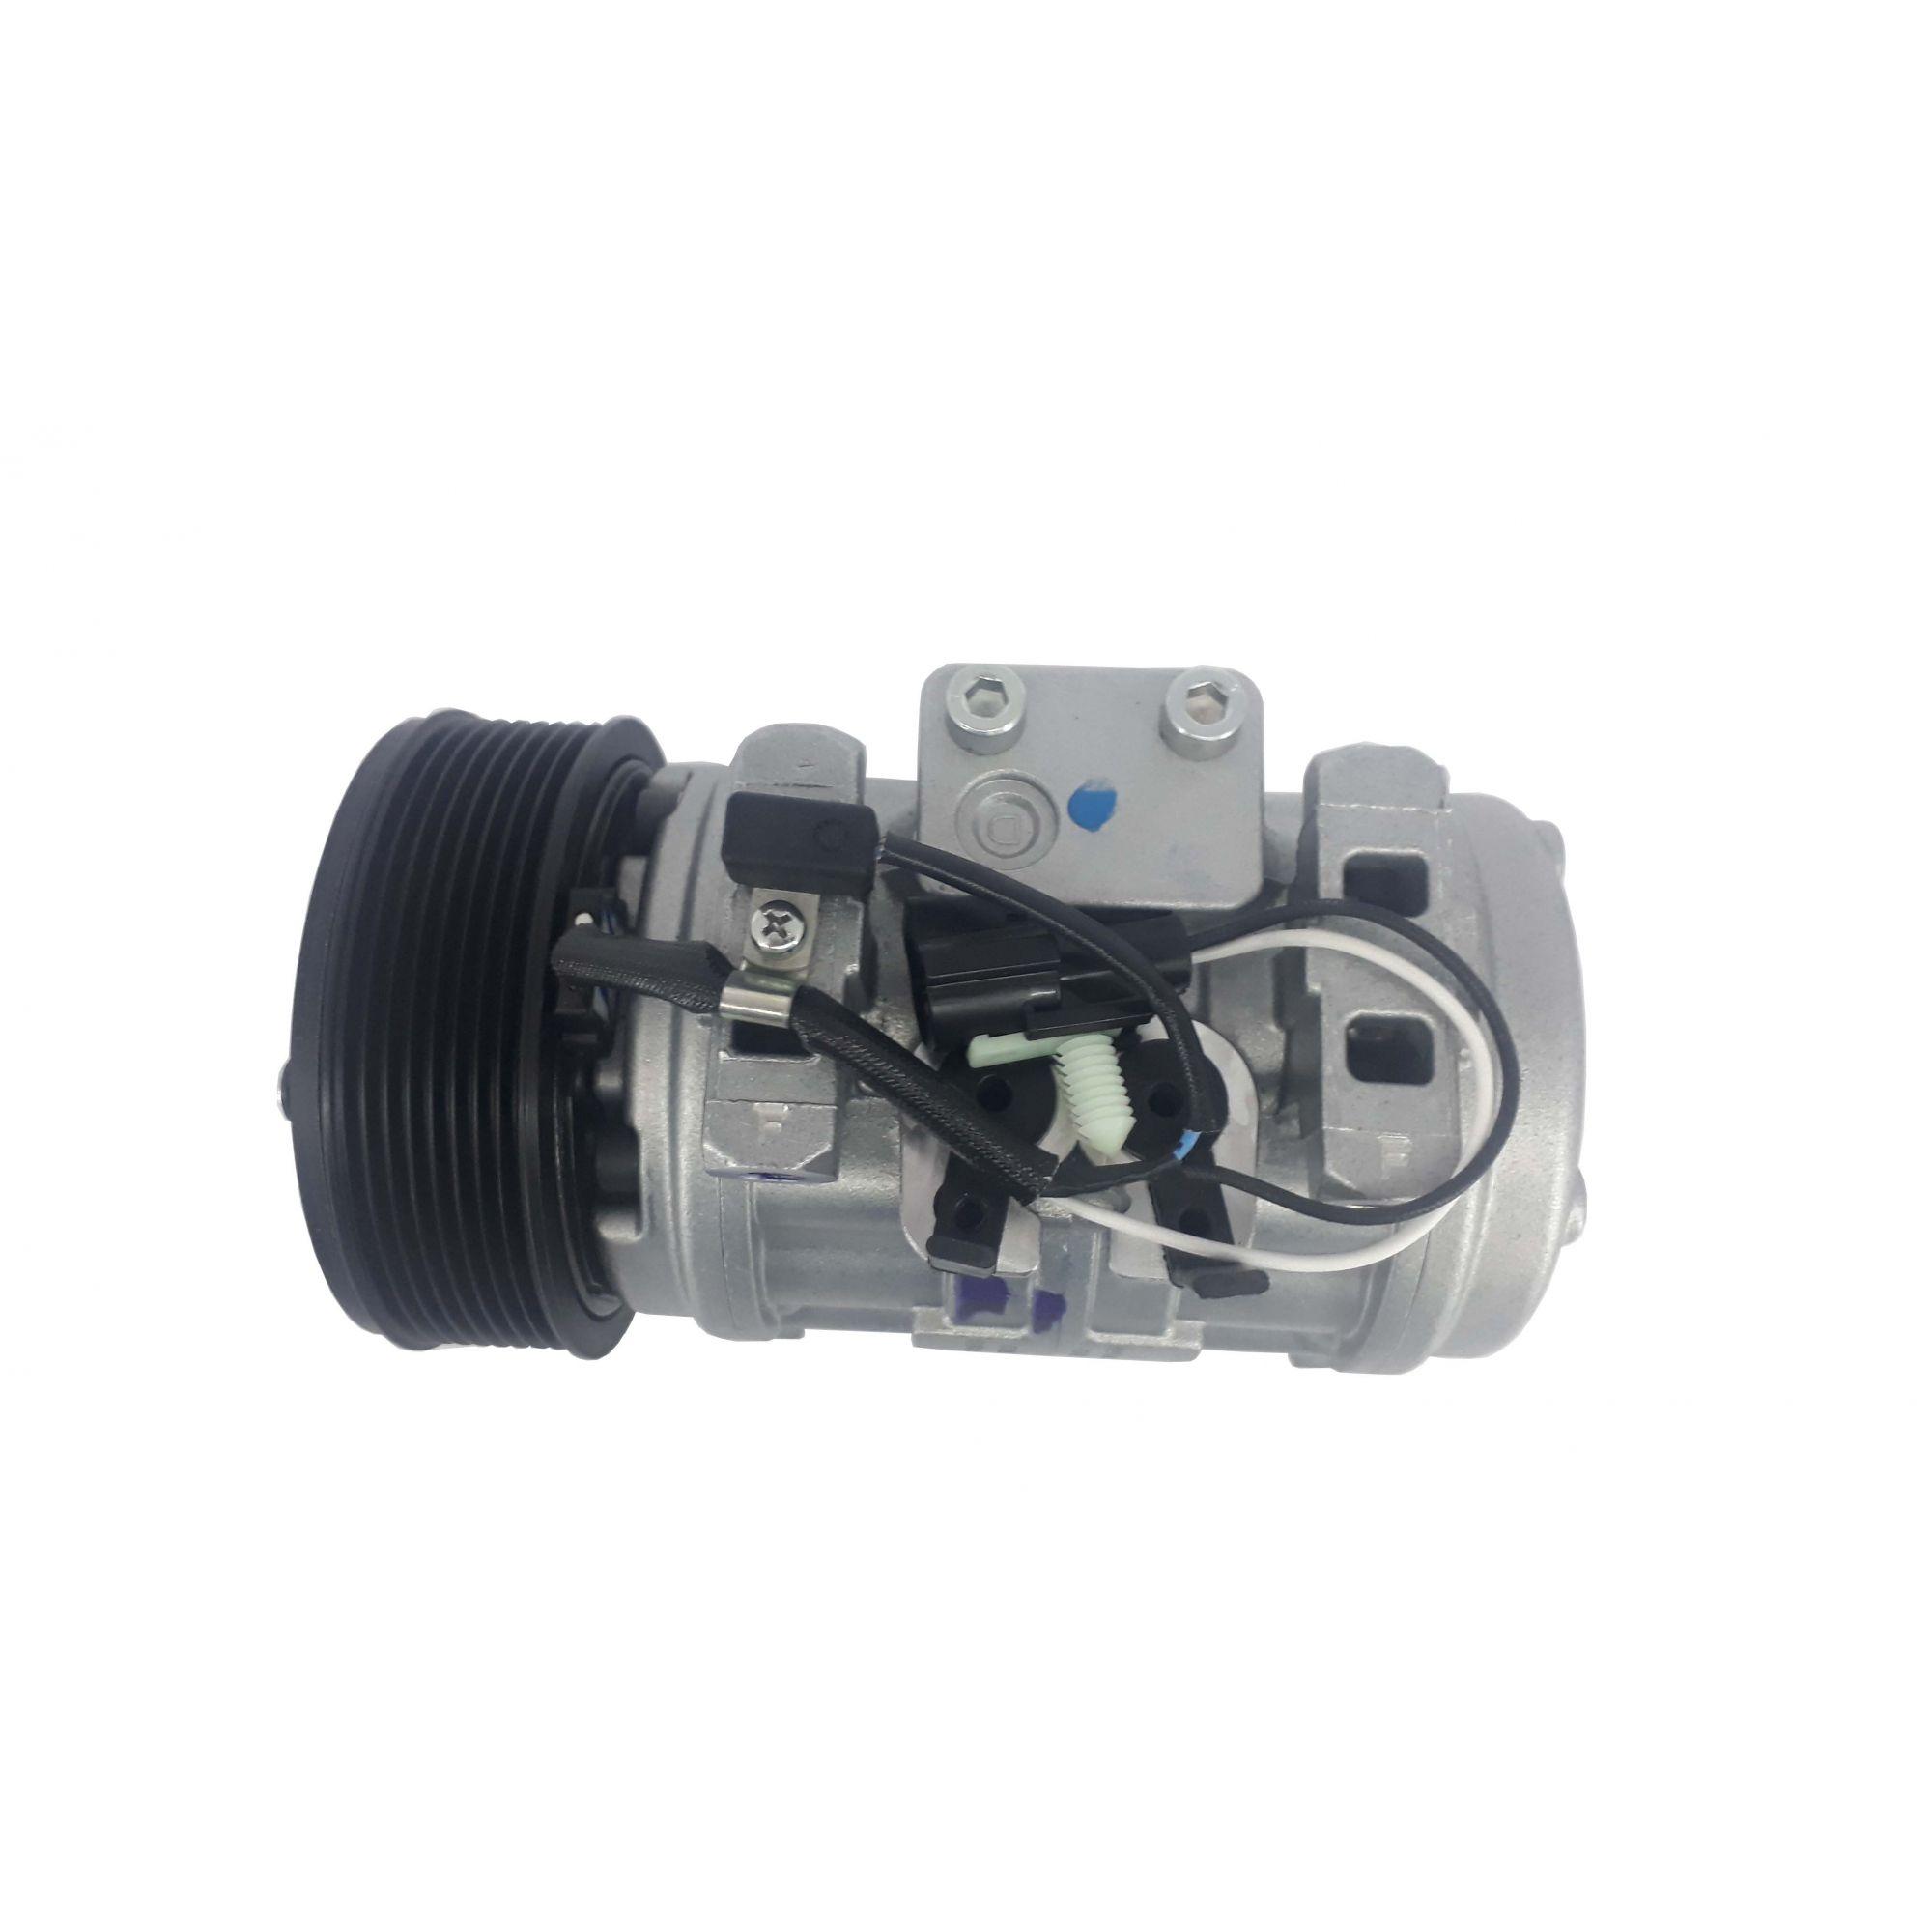 Compressor 10P15 Passante 8pk 12v  - Original DENSO